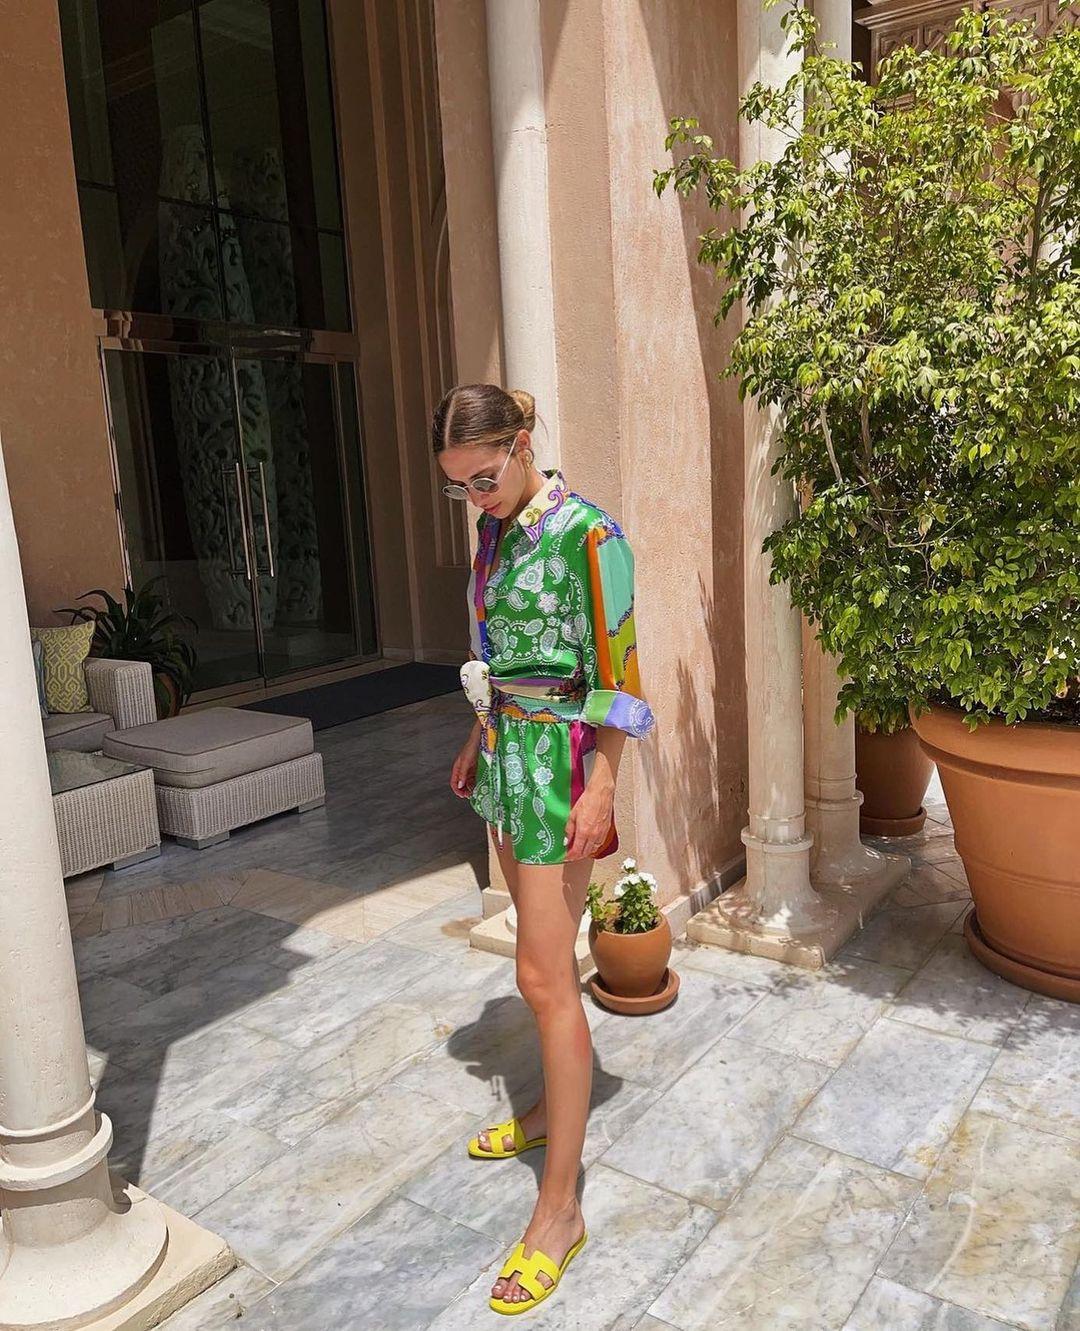 patchwork shirt with bow de Zara sur zarastreetstyle